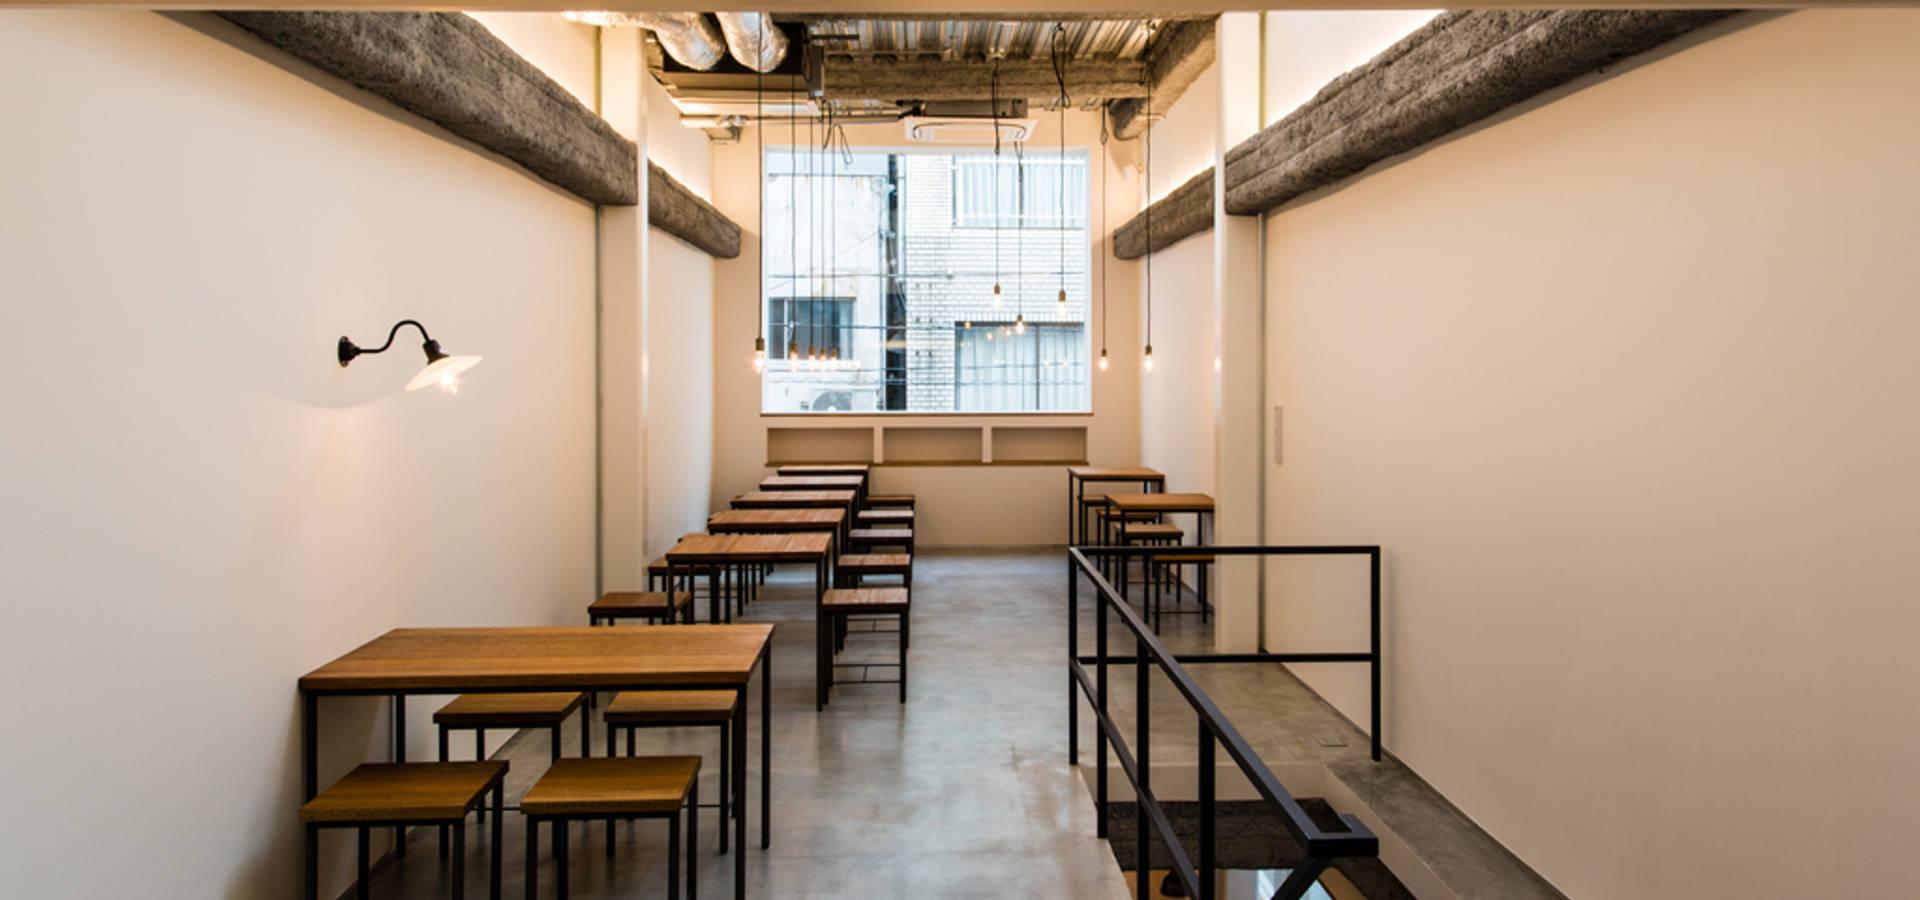 前見建築計画一級建築士事務所(Fuminori MAEMI architect office)